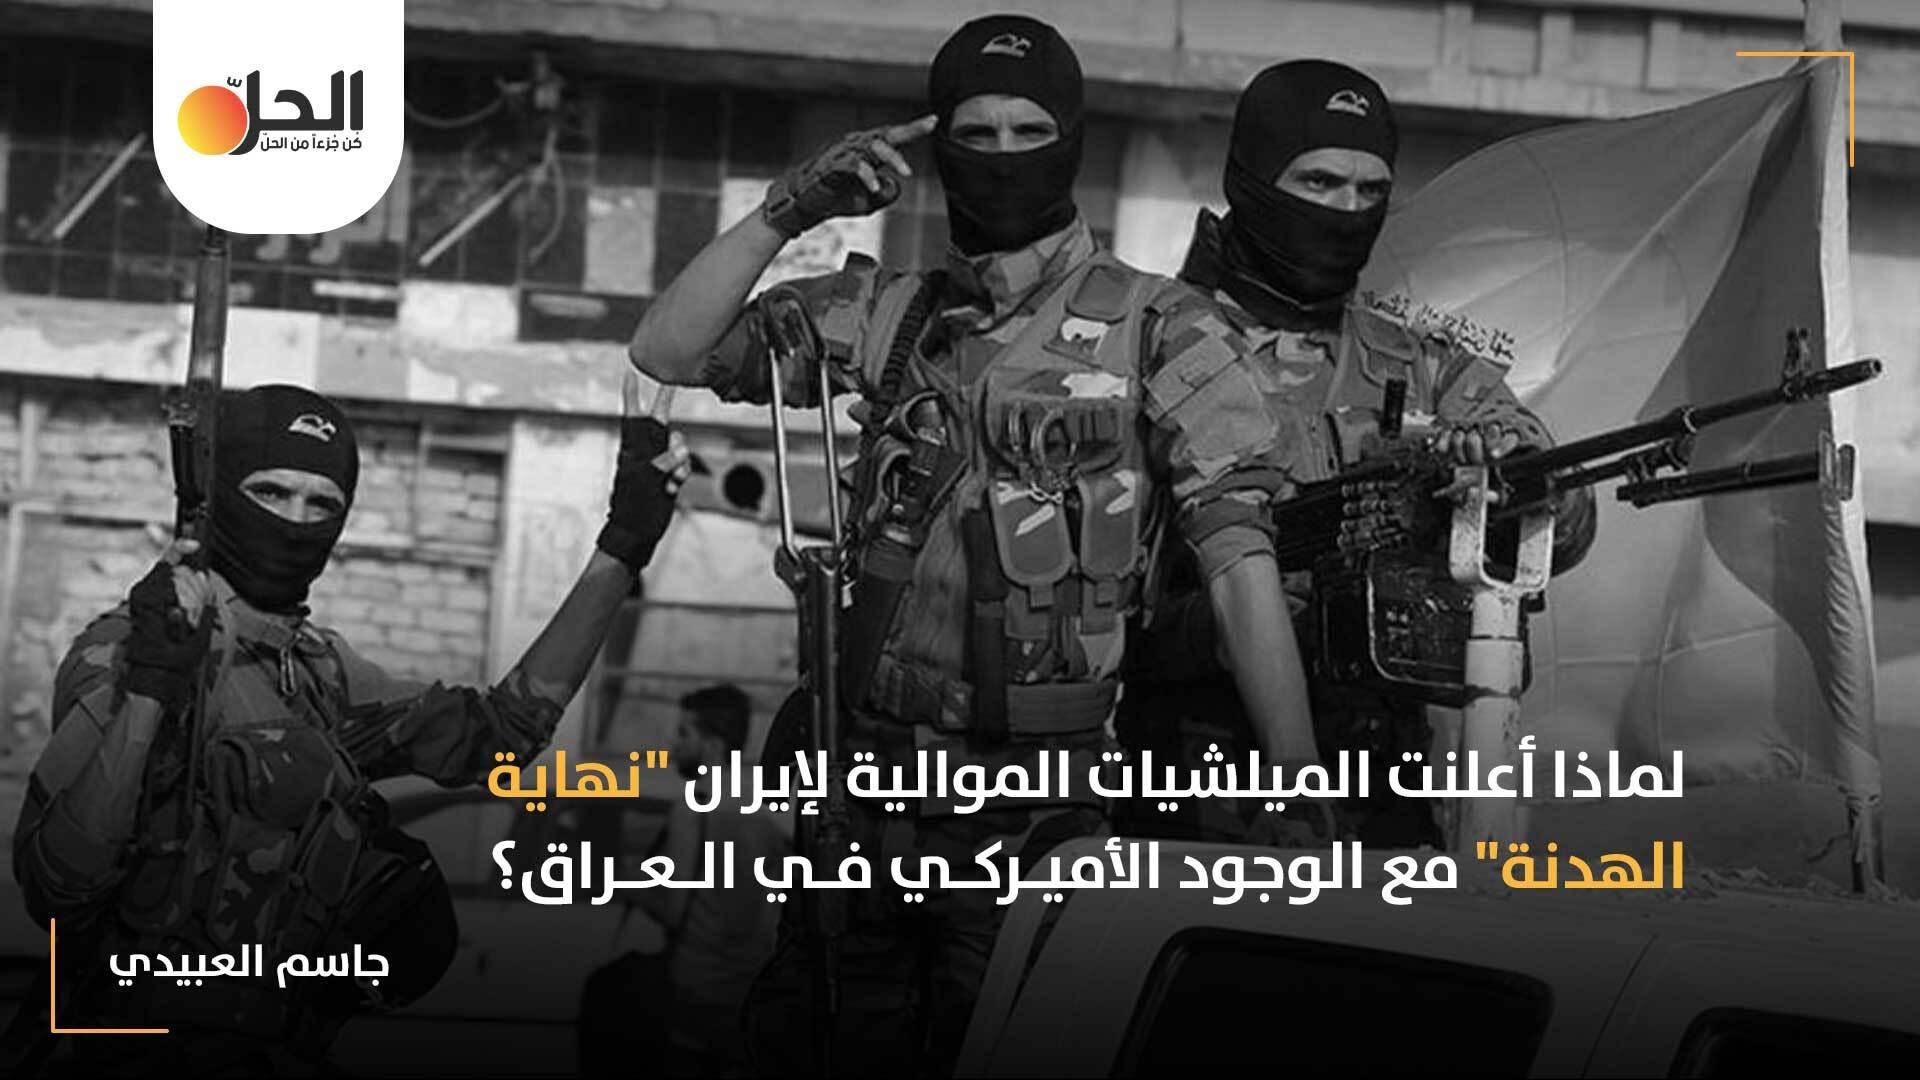 """في ذكرى اغتيال """"سليماني"""": هل ستخوض الميلشيات الموالية لإيران حرباً بالوكالة ضد المصالح الأميركية في العراق؟"""